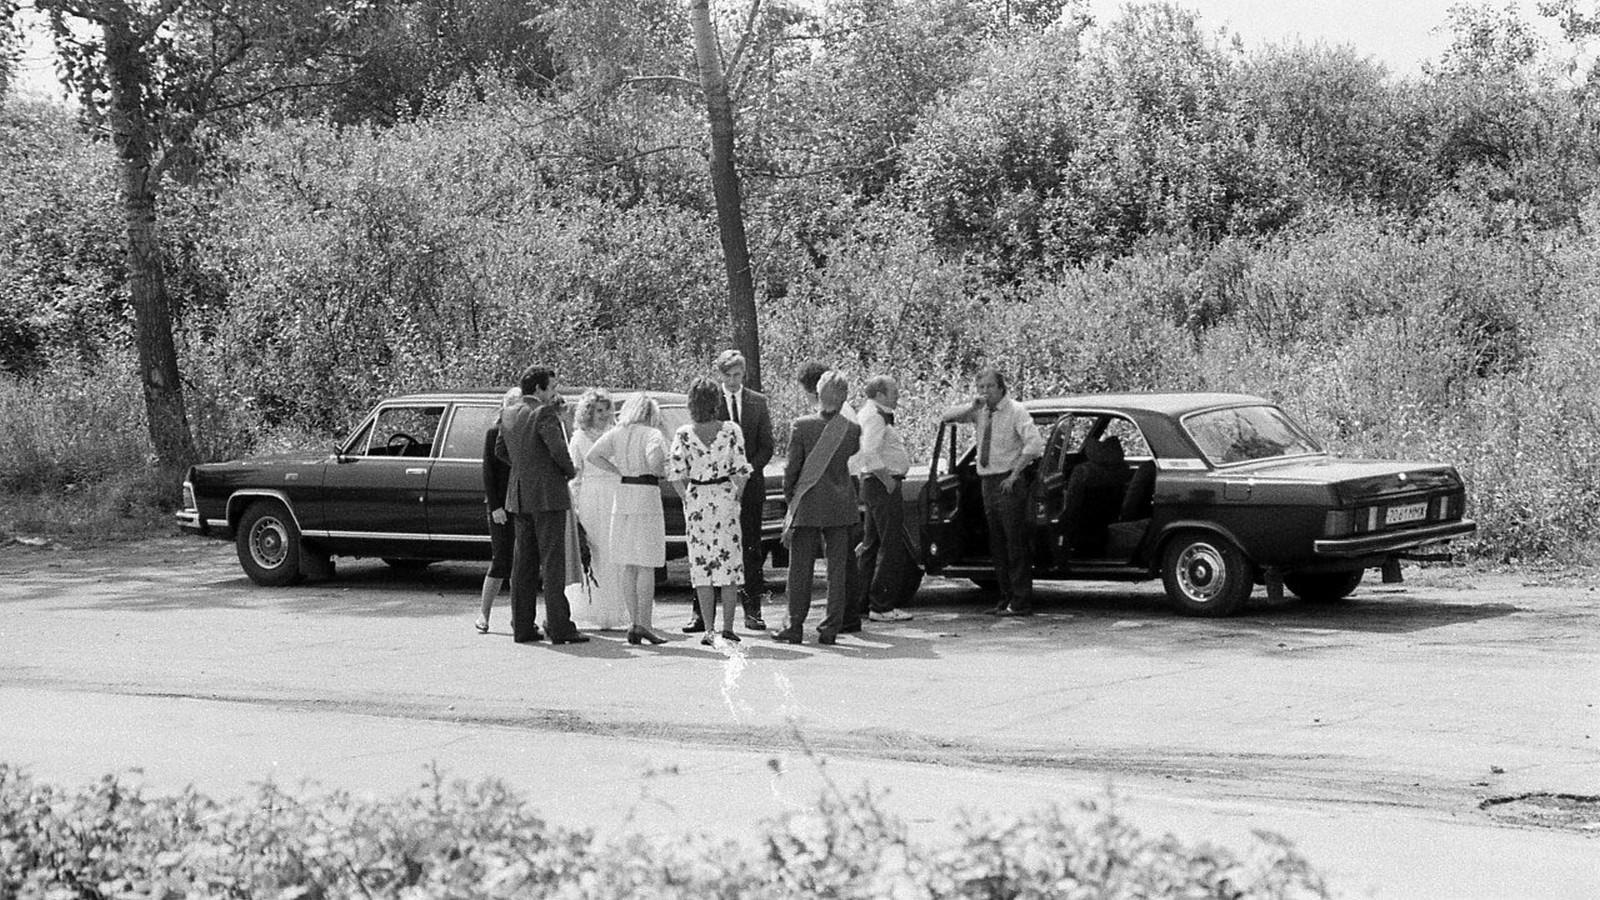 ГАЗ-14 обслуживал не только отечественных чиновников, но и иностранные делегации